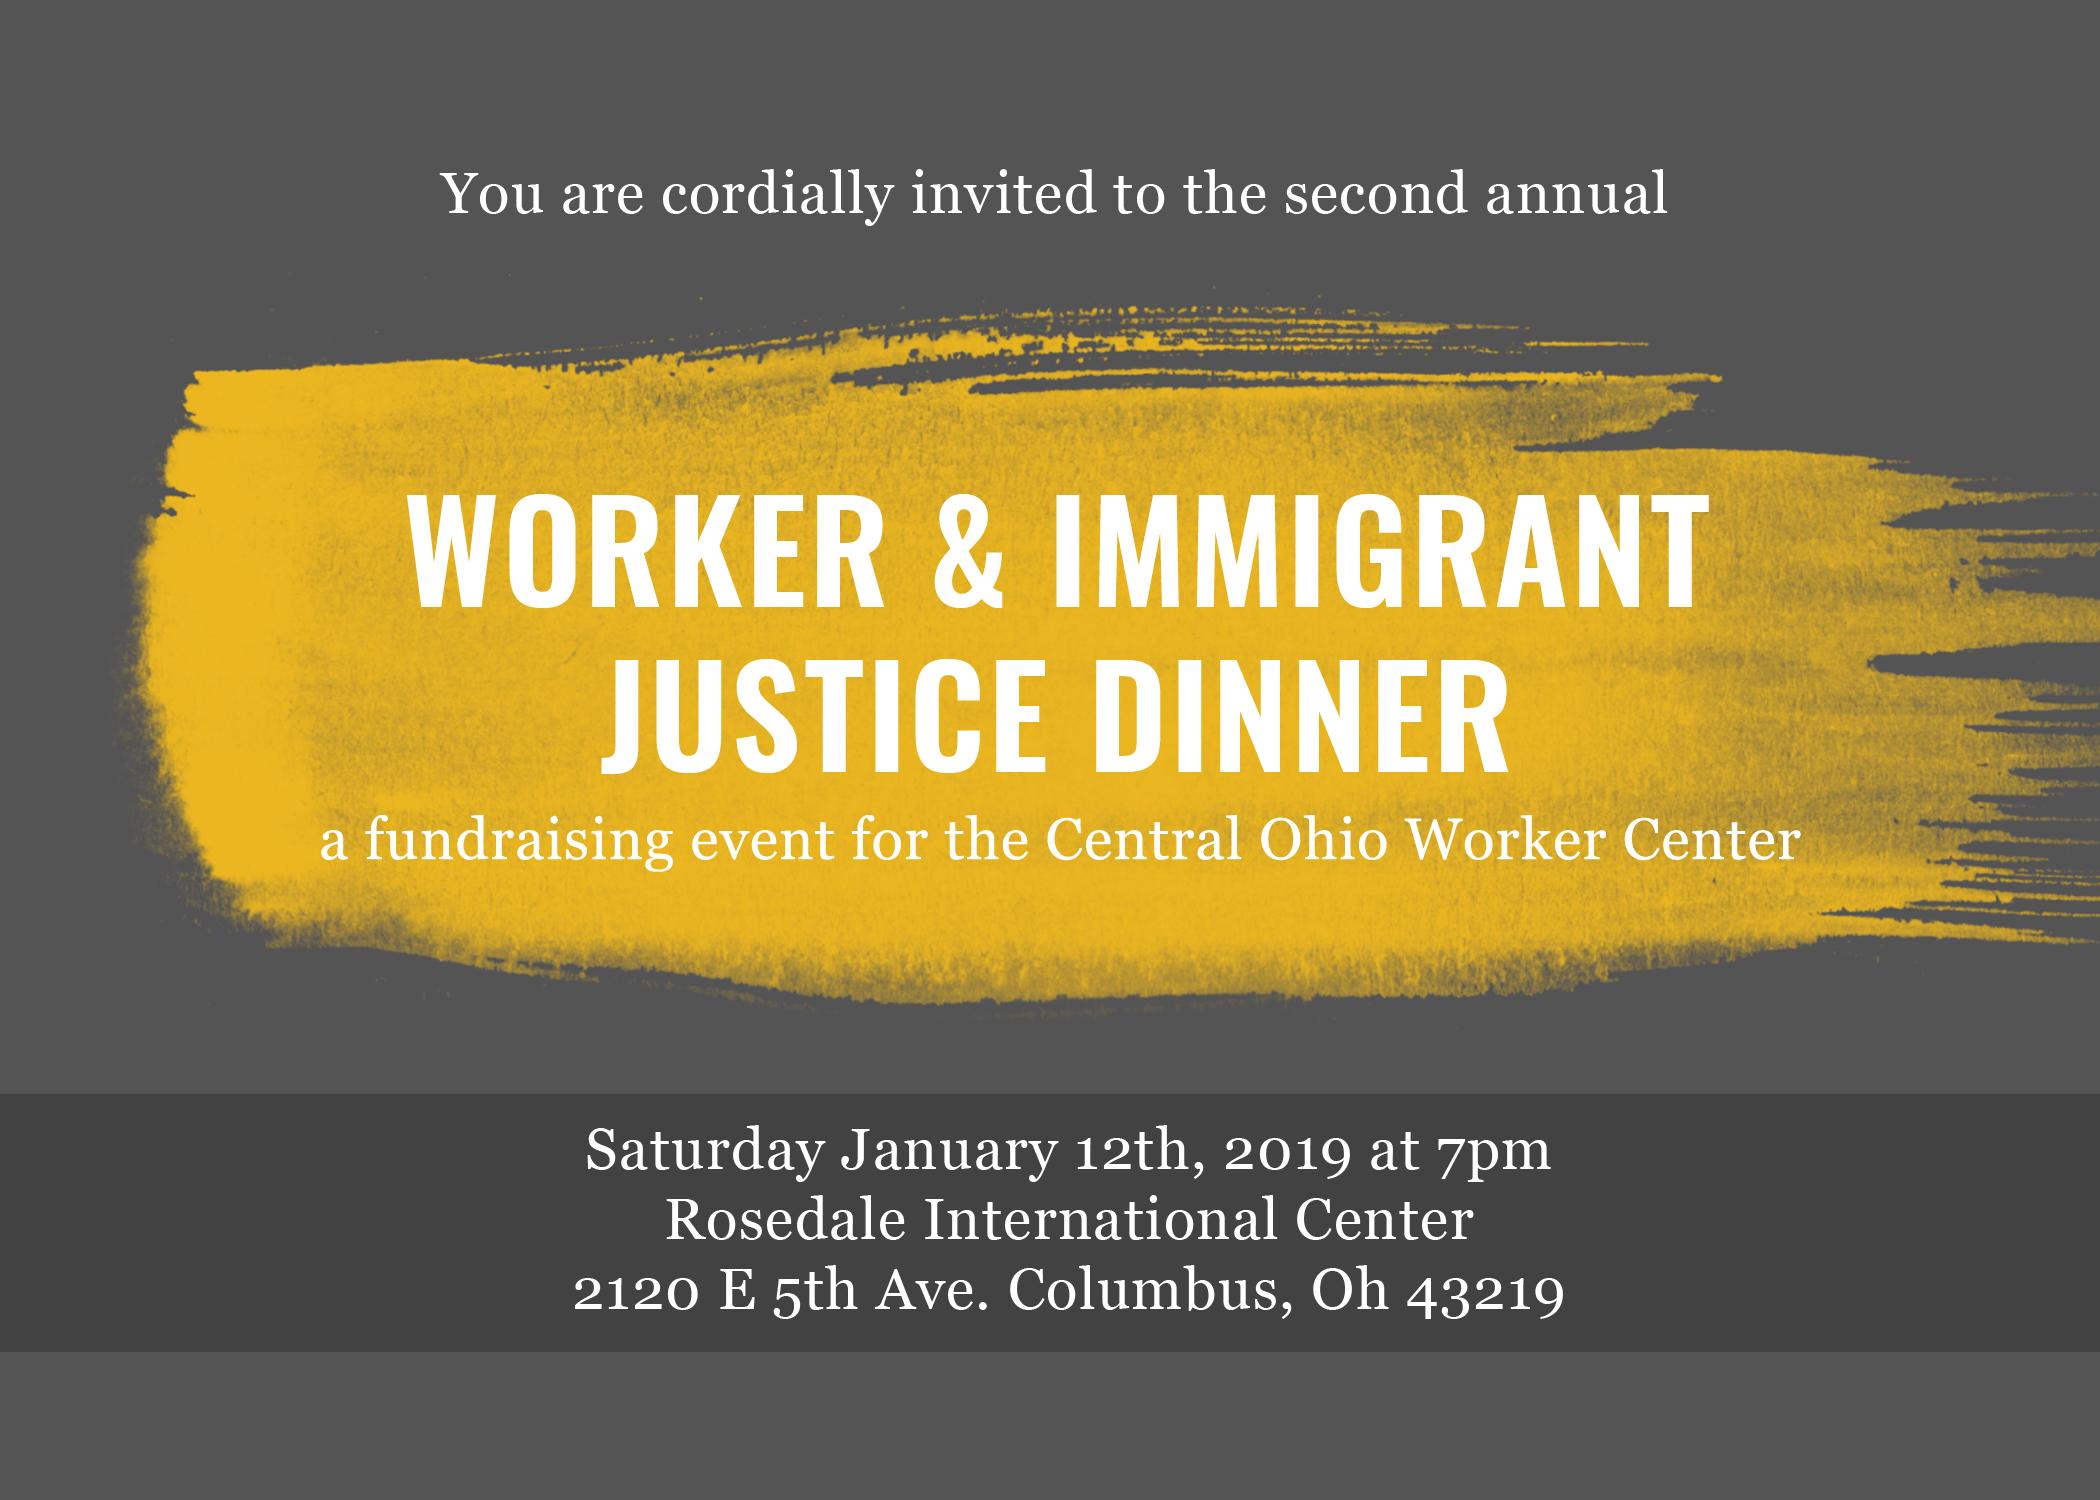 Fundraiser Invite Central Ohio Worker Center